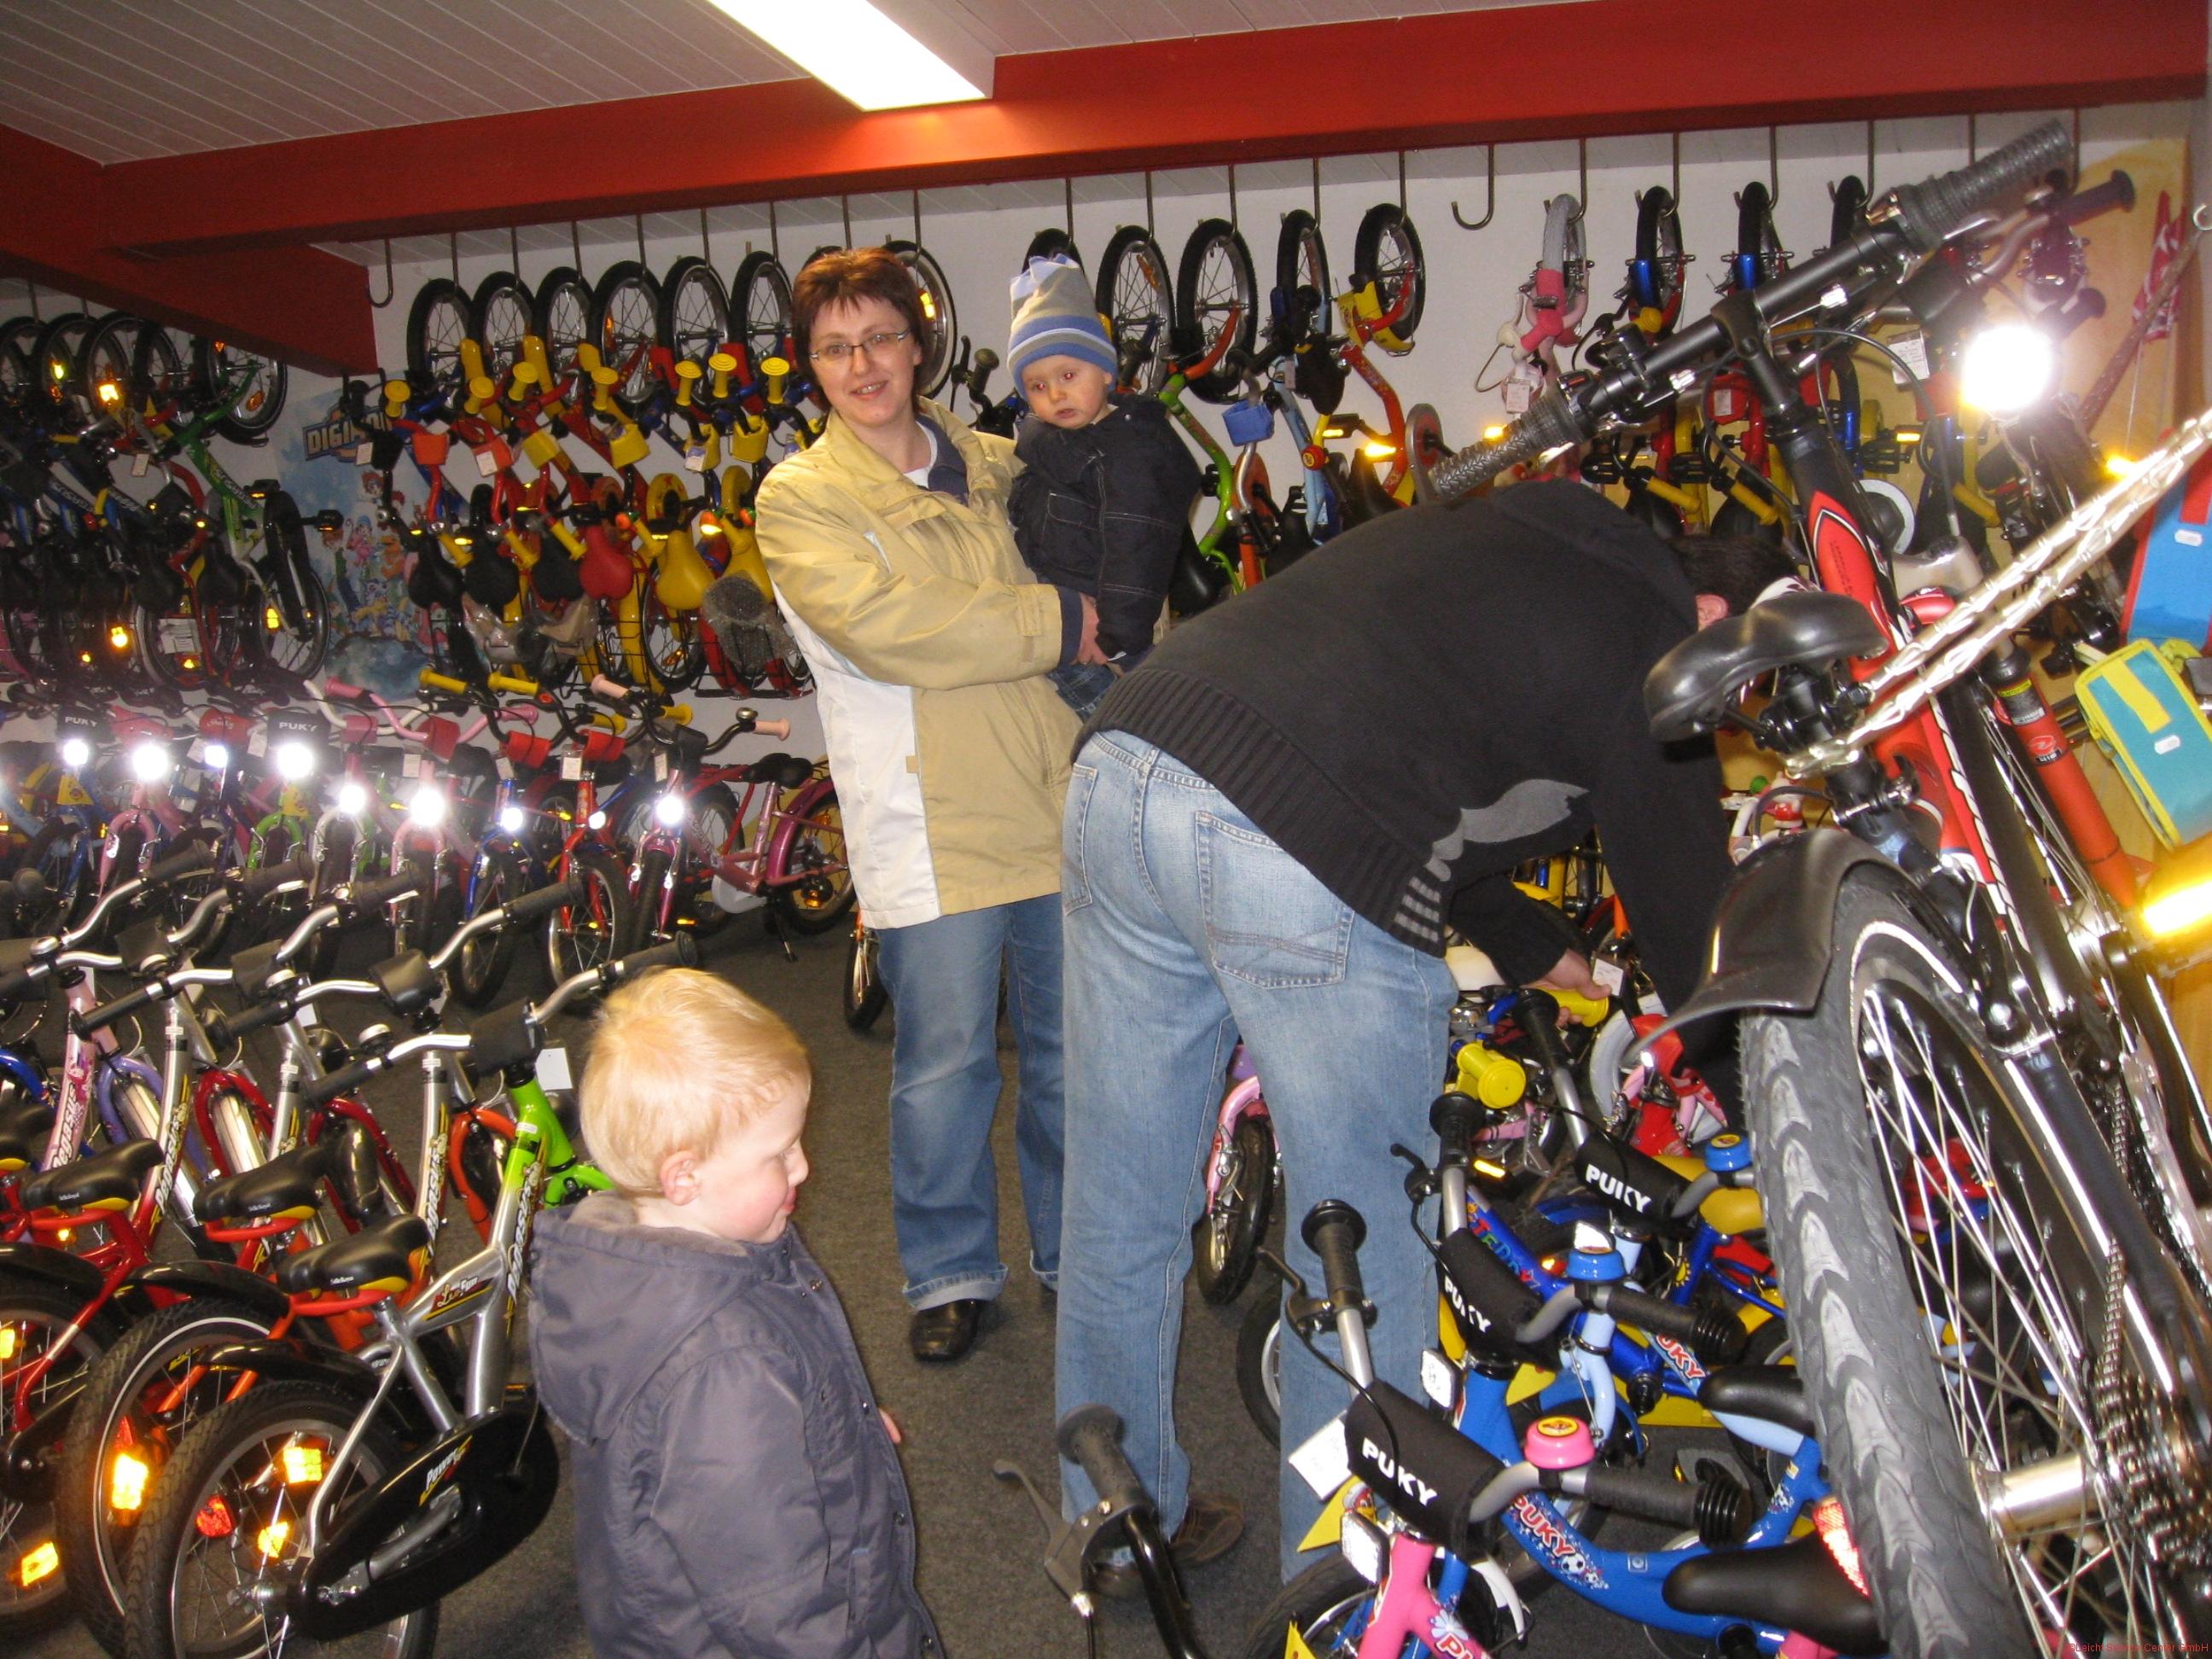 Fahrrad-Sonderschau 2011-03-19 17-08-20